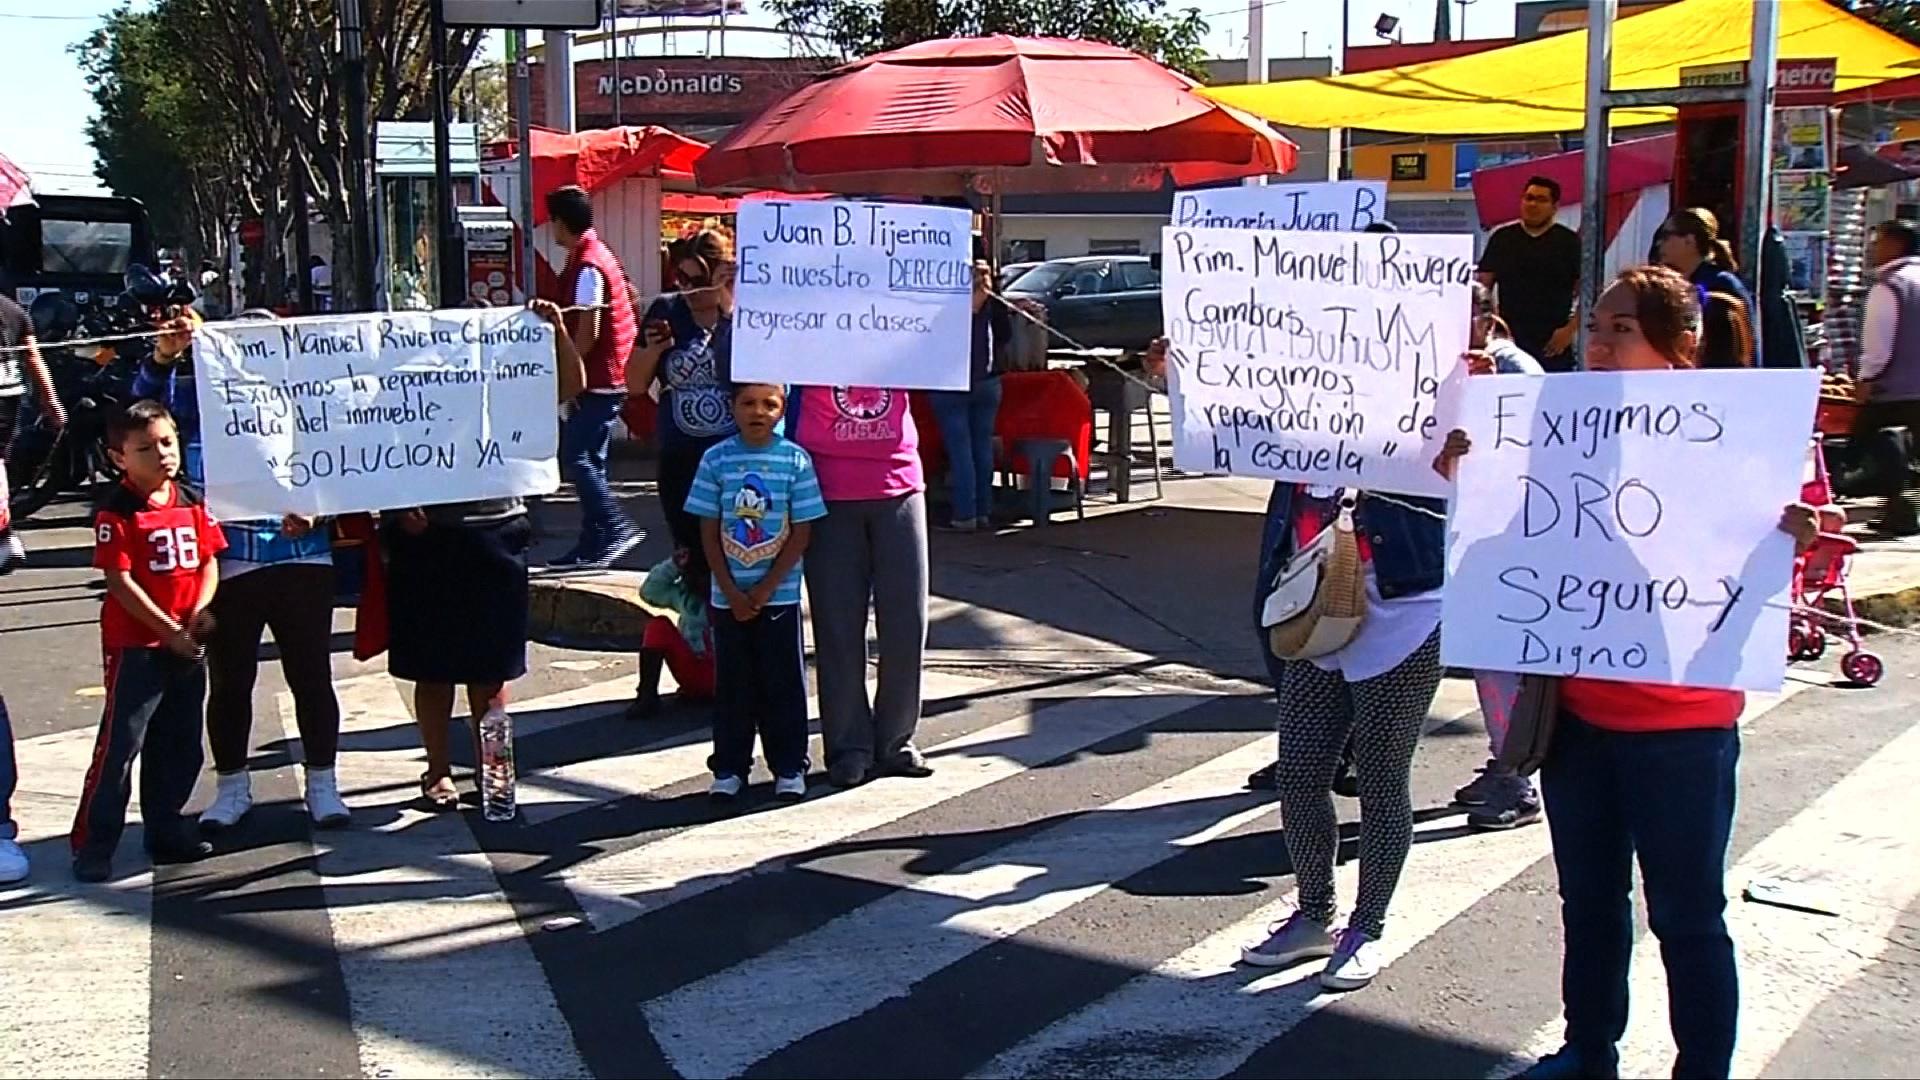 Mexicanos exigen reanudación de clases - CNN Video